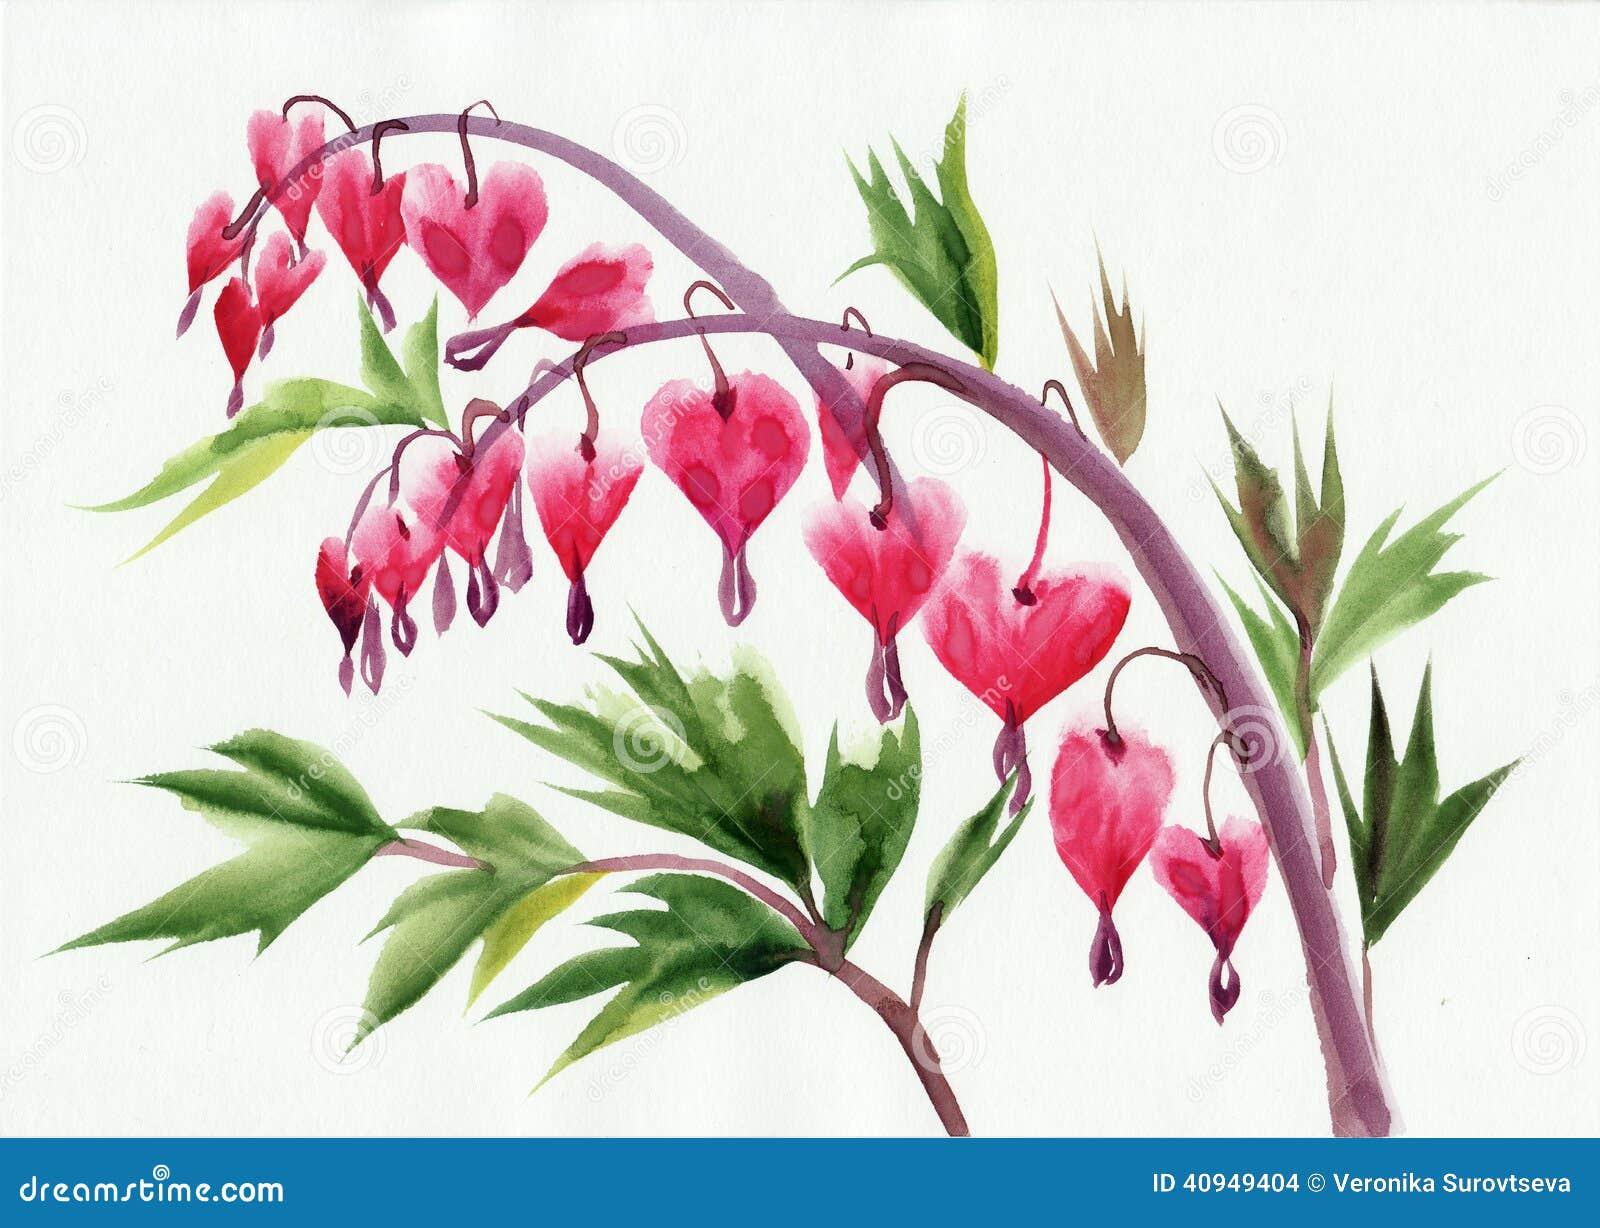 Bleeding Heart Flower Painting Bleeding Heart Flower Painting